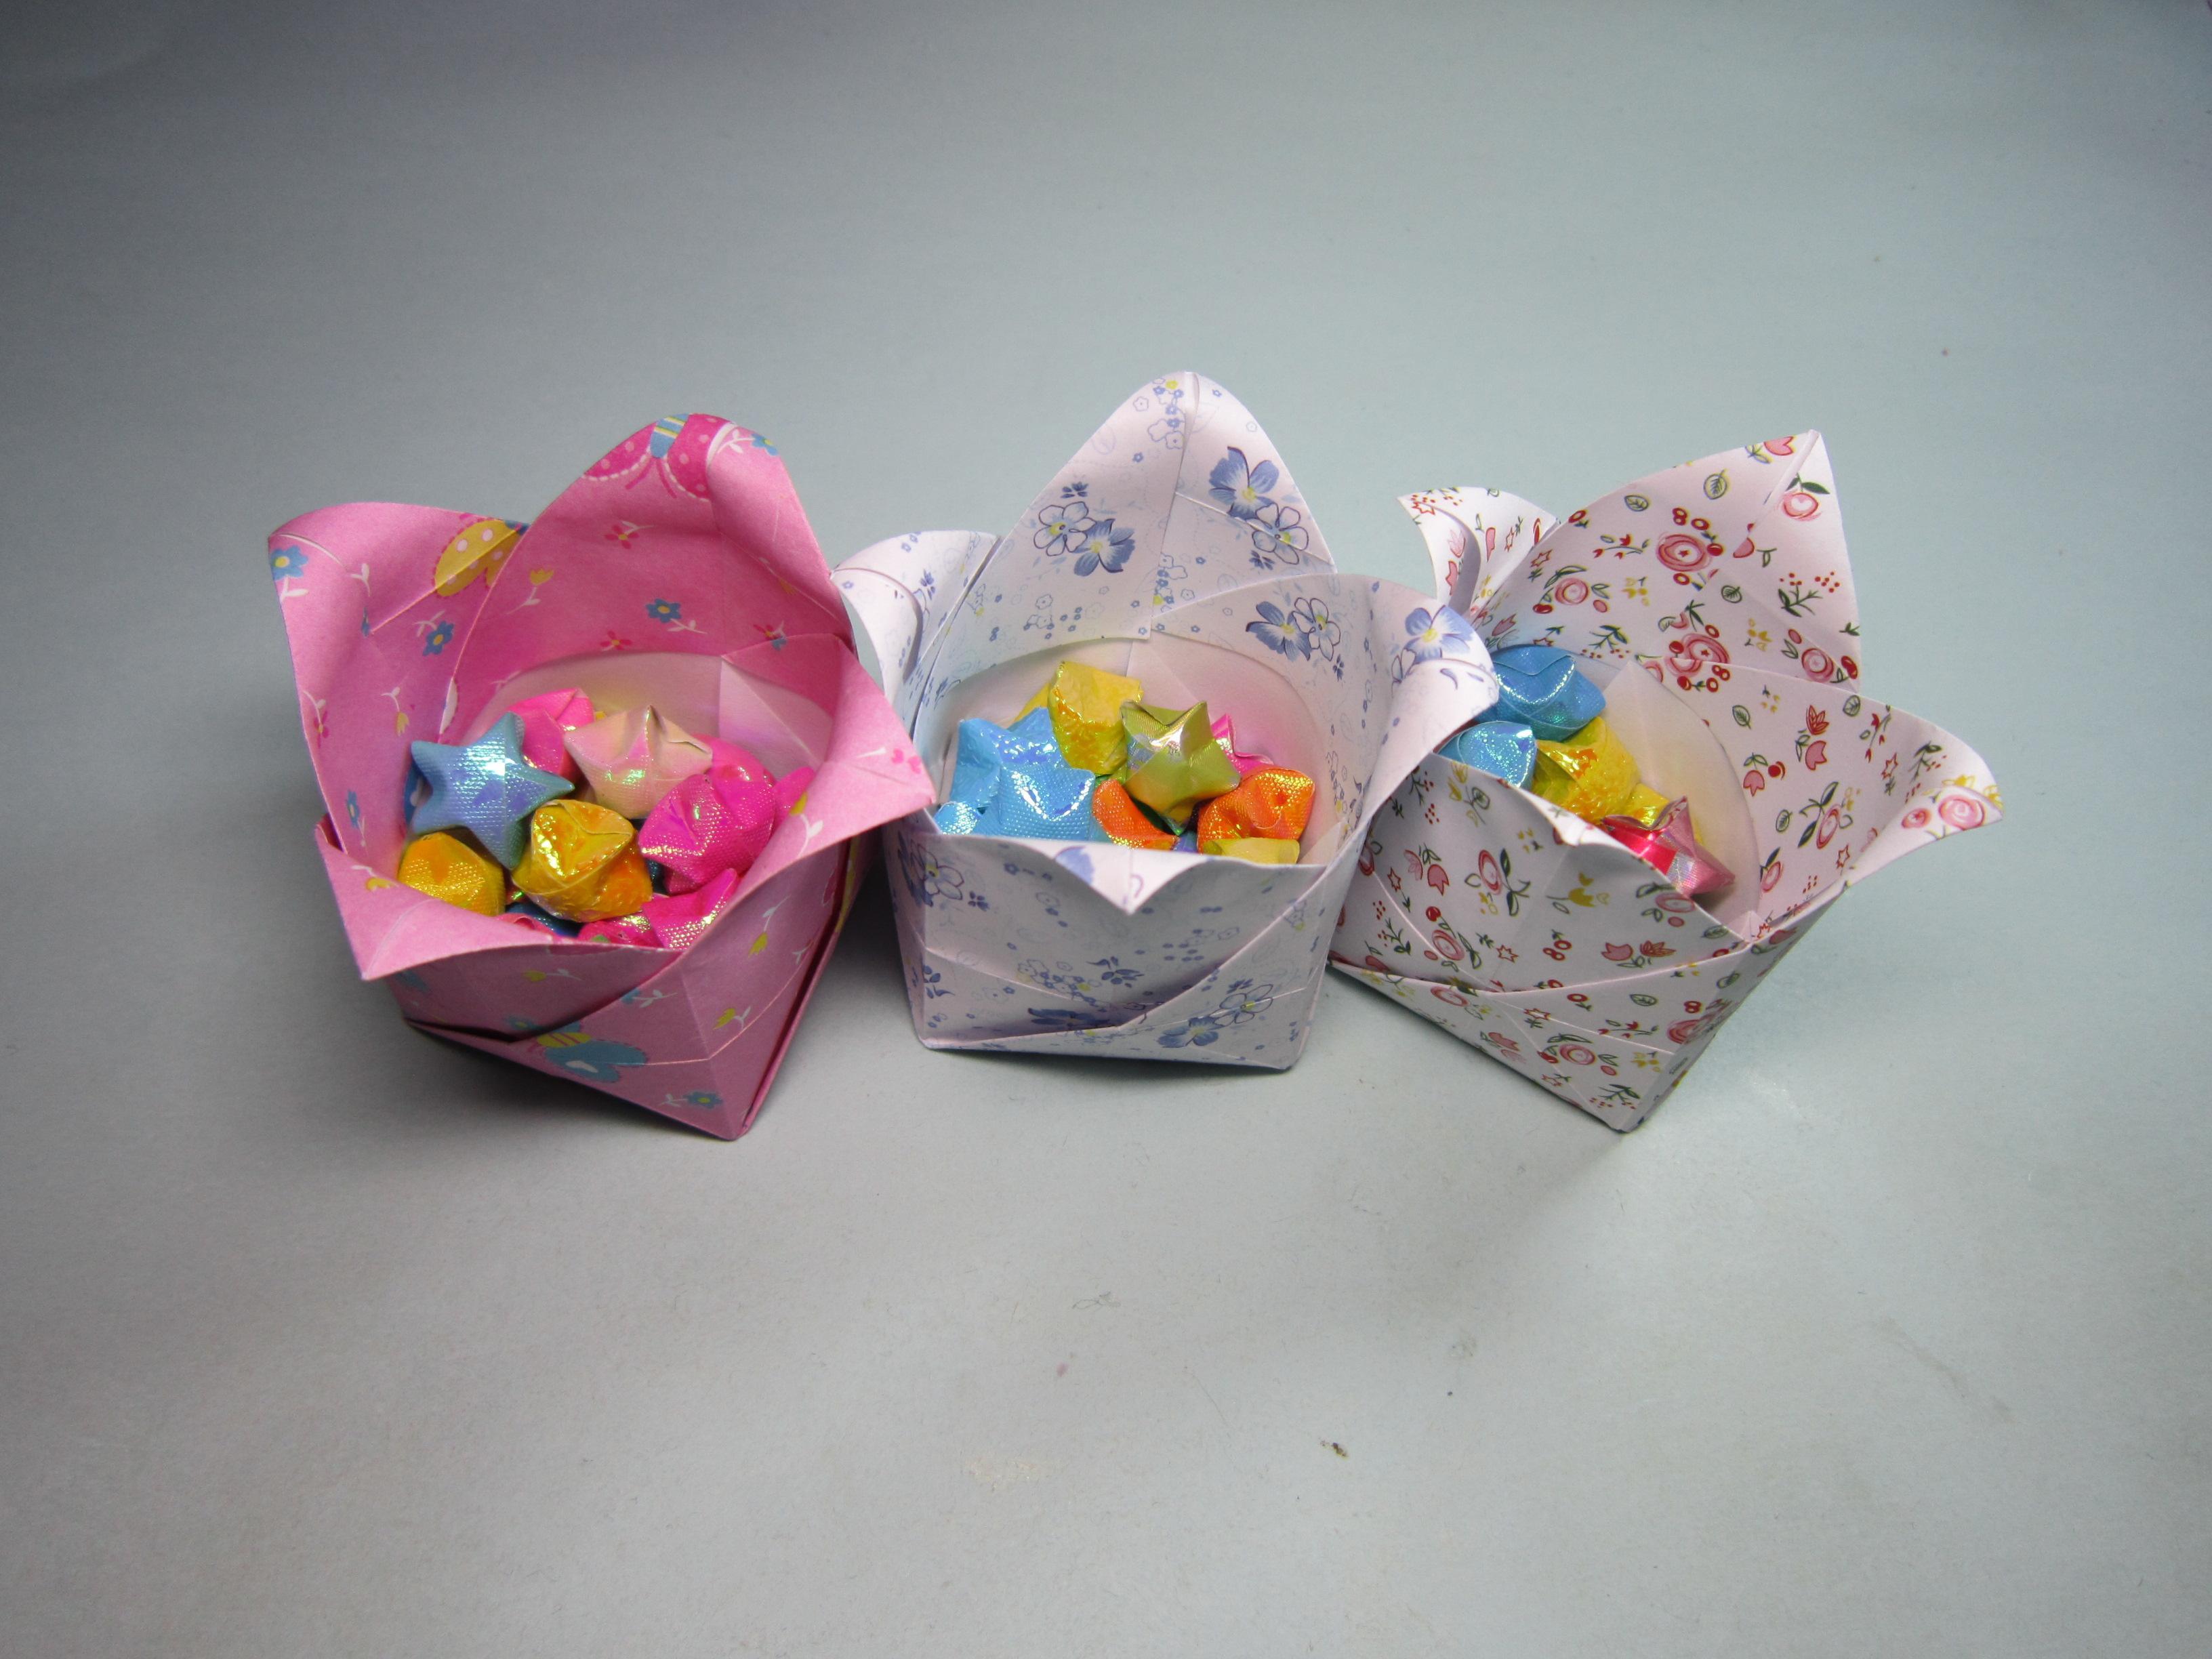 手工折纸礼物盒子,创意diy手工制作礼品收纳盒